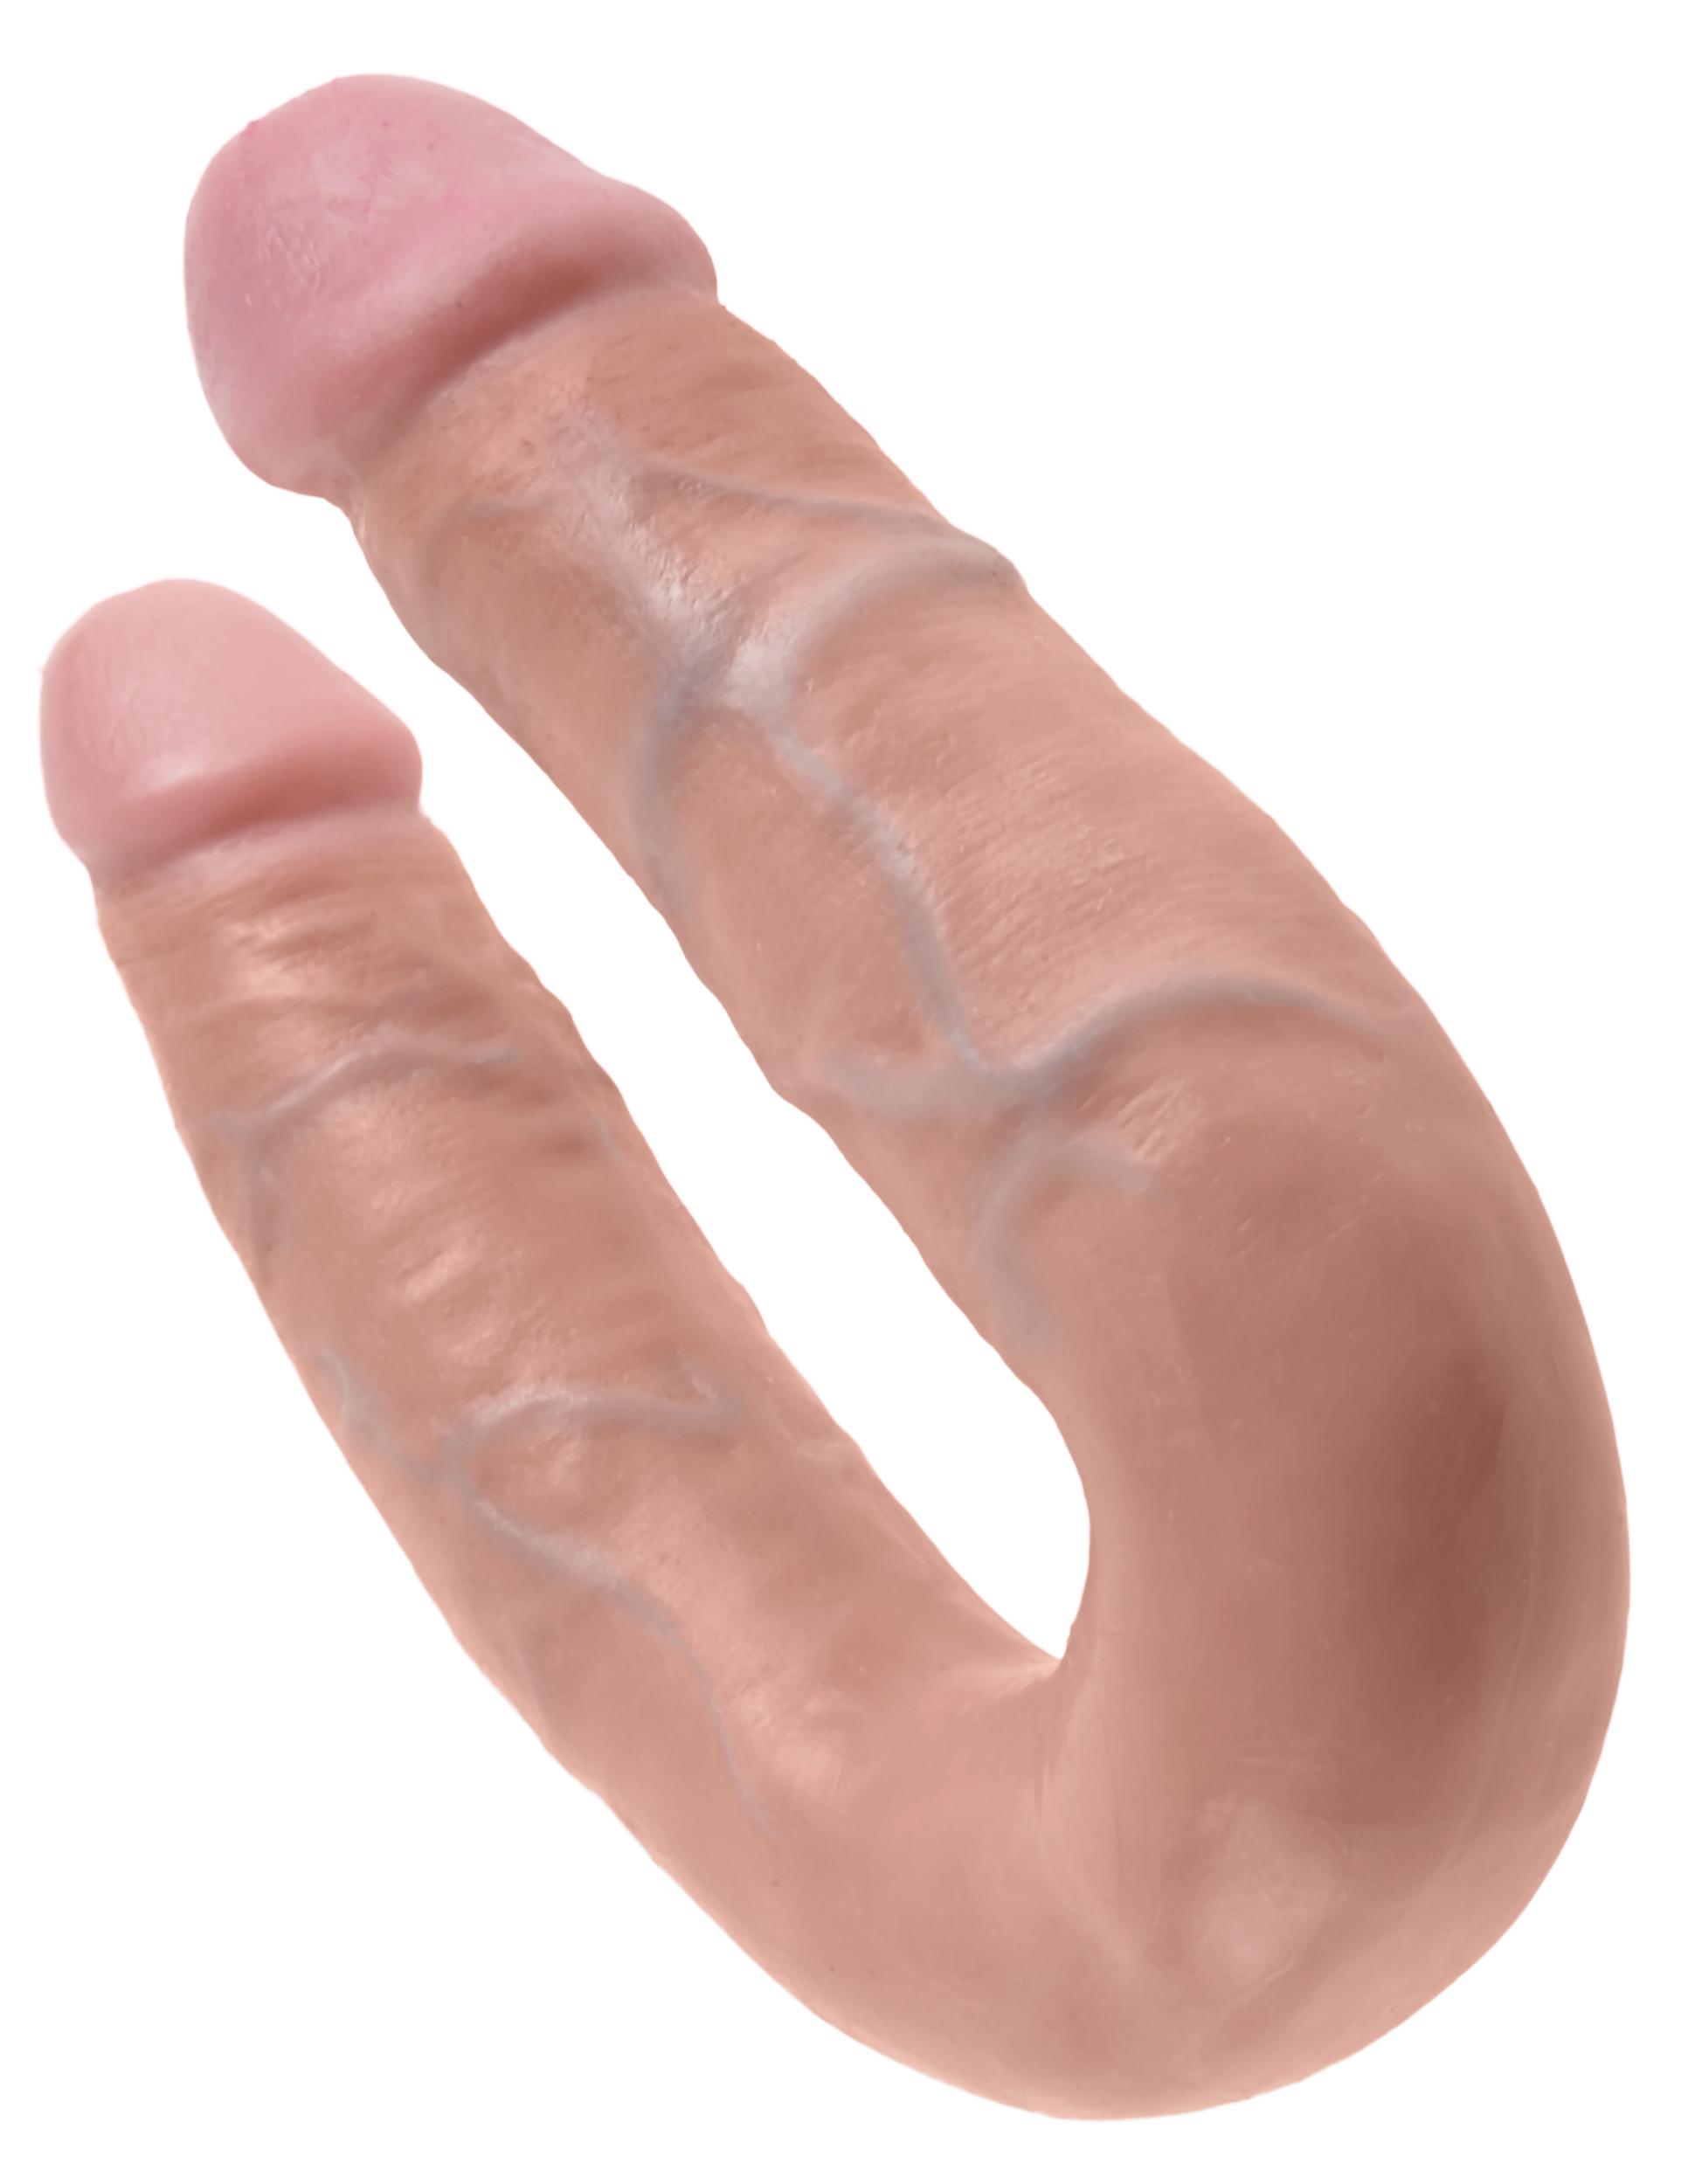 Фаллоимитатор для вагинального оргазма 22 фотография